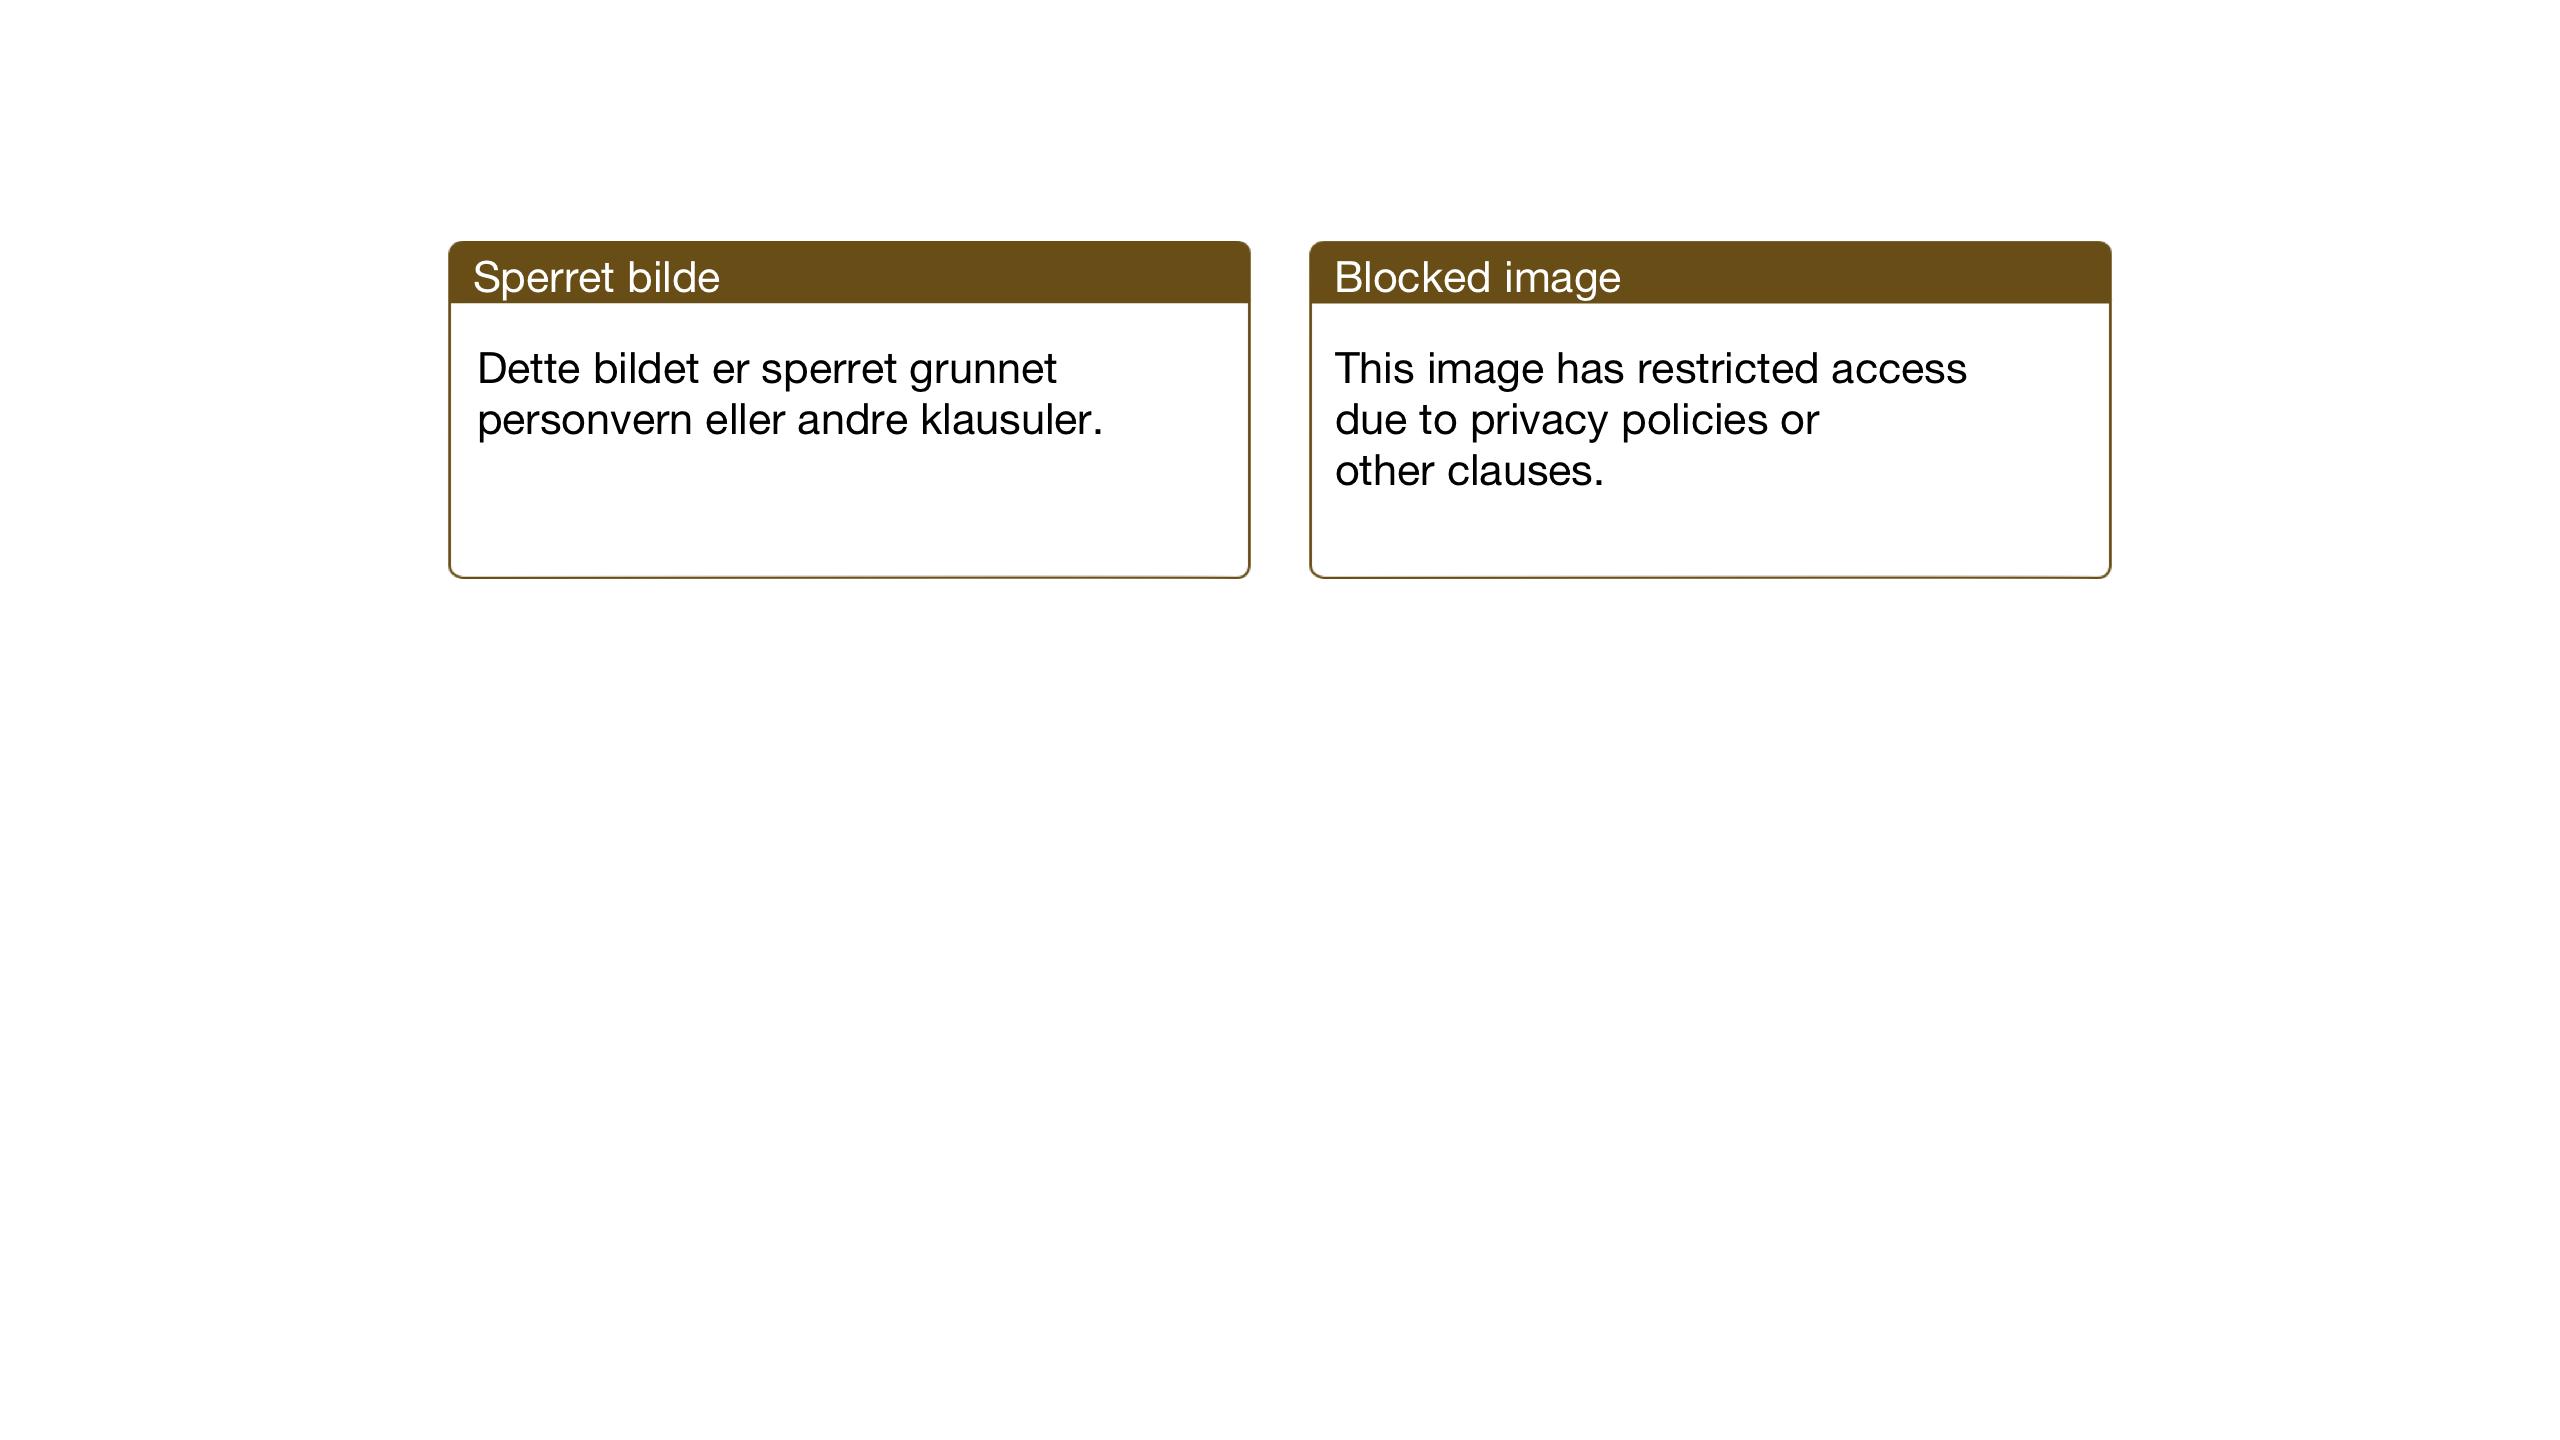 SAT, Ministerialprotokoller, klokkerbøker og fødselsregistre - Sør-Trøndelag, 659/L0747: Klokkerbok nr. 659C04, 1913-1938, s. 147